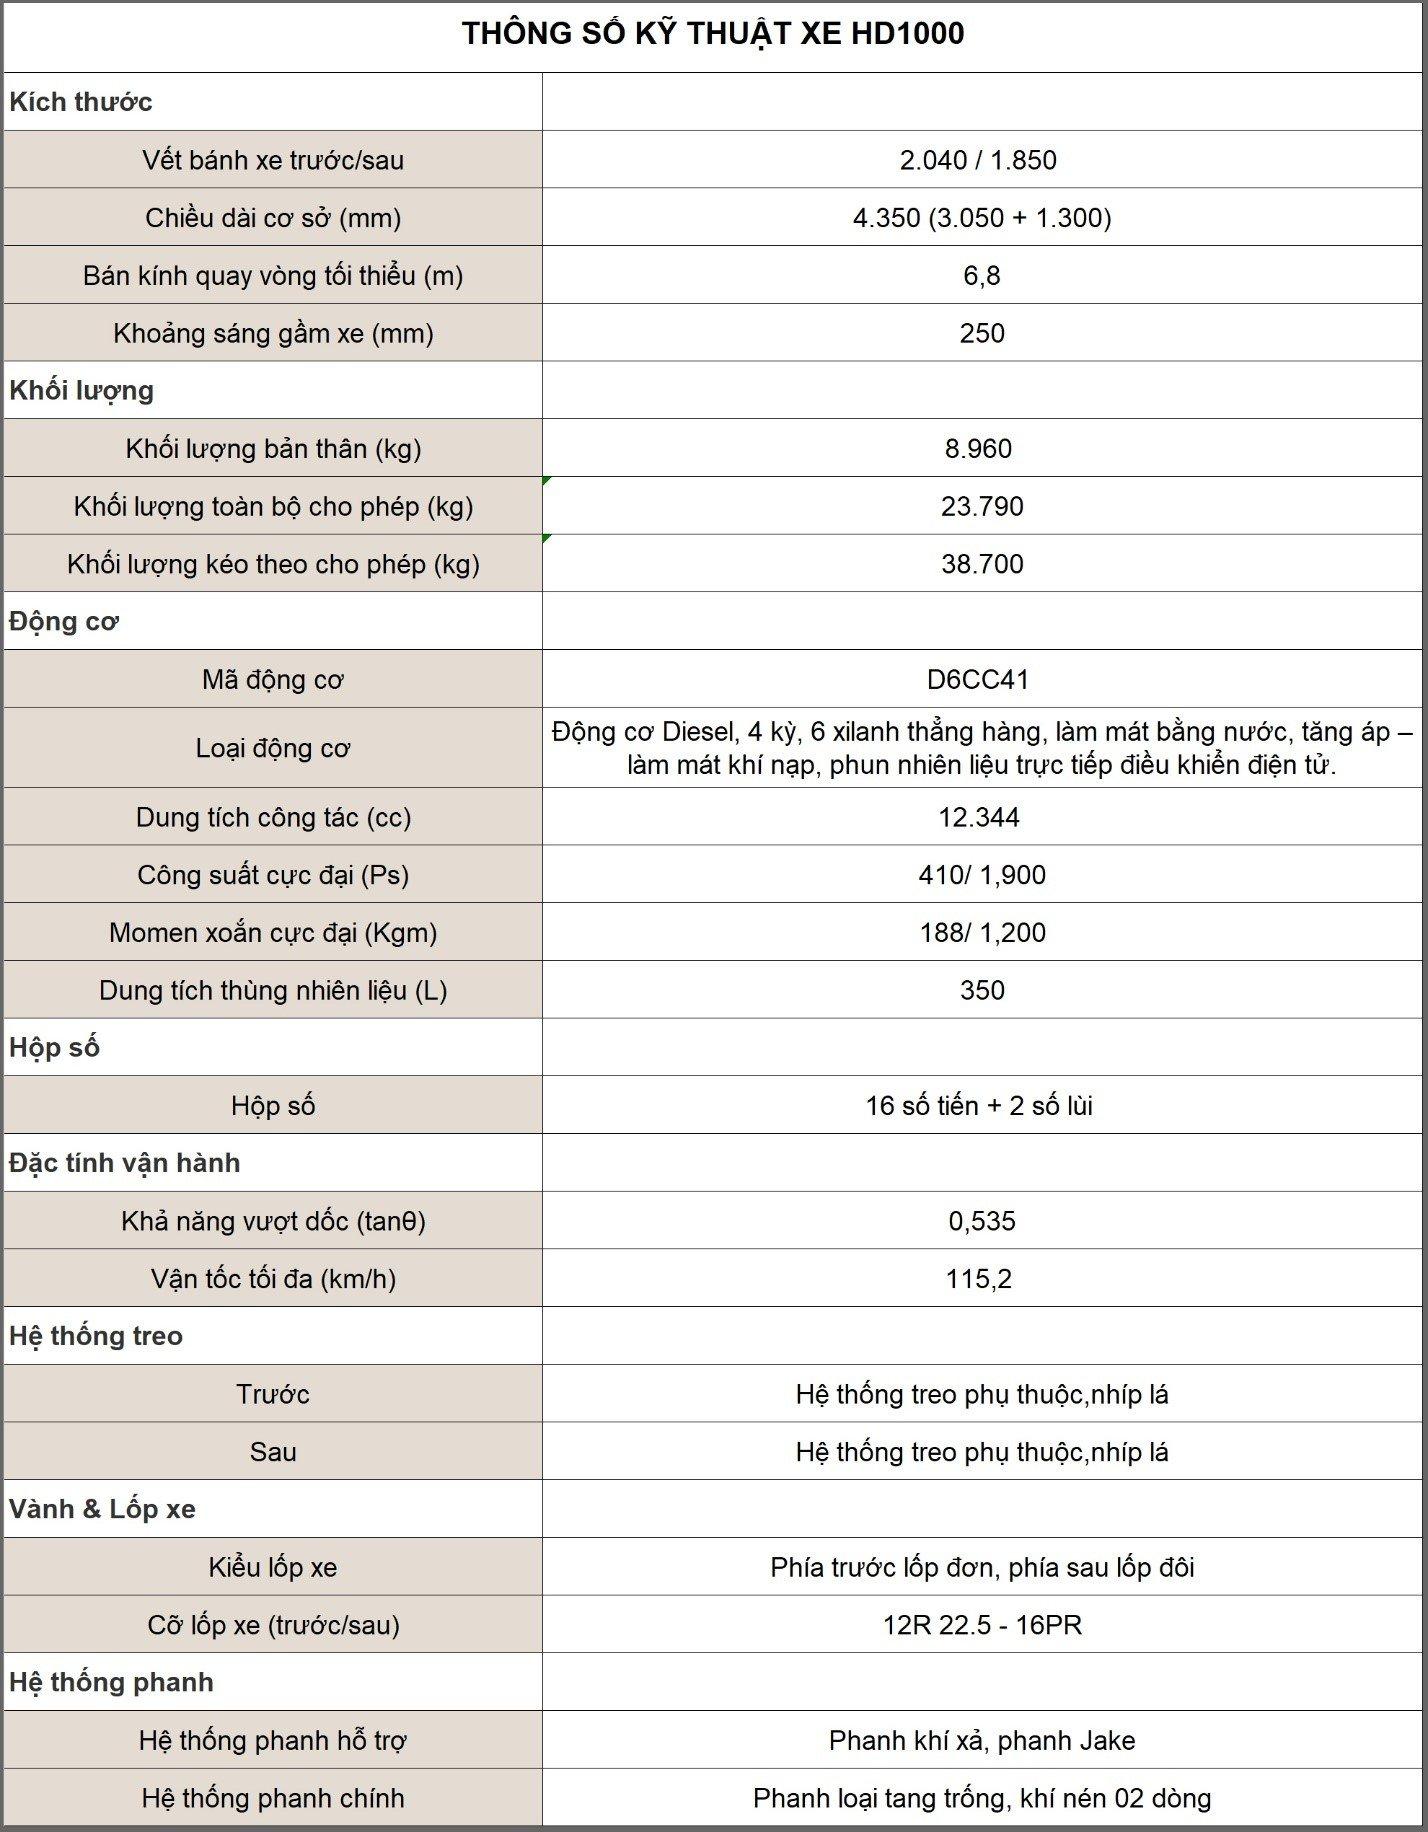 thông số kĩ thuật đầu kéo hyundai hd1000